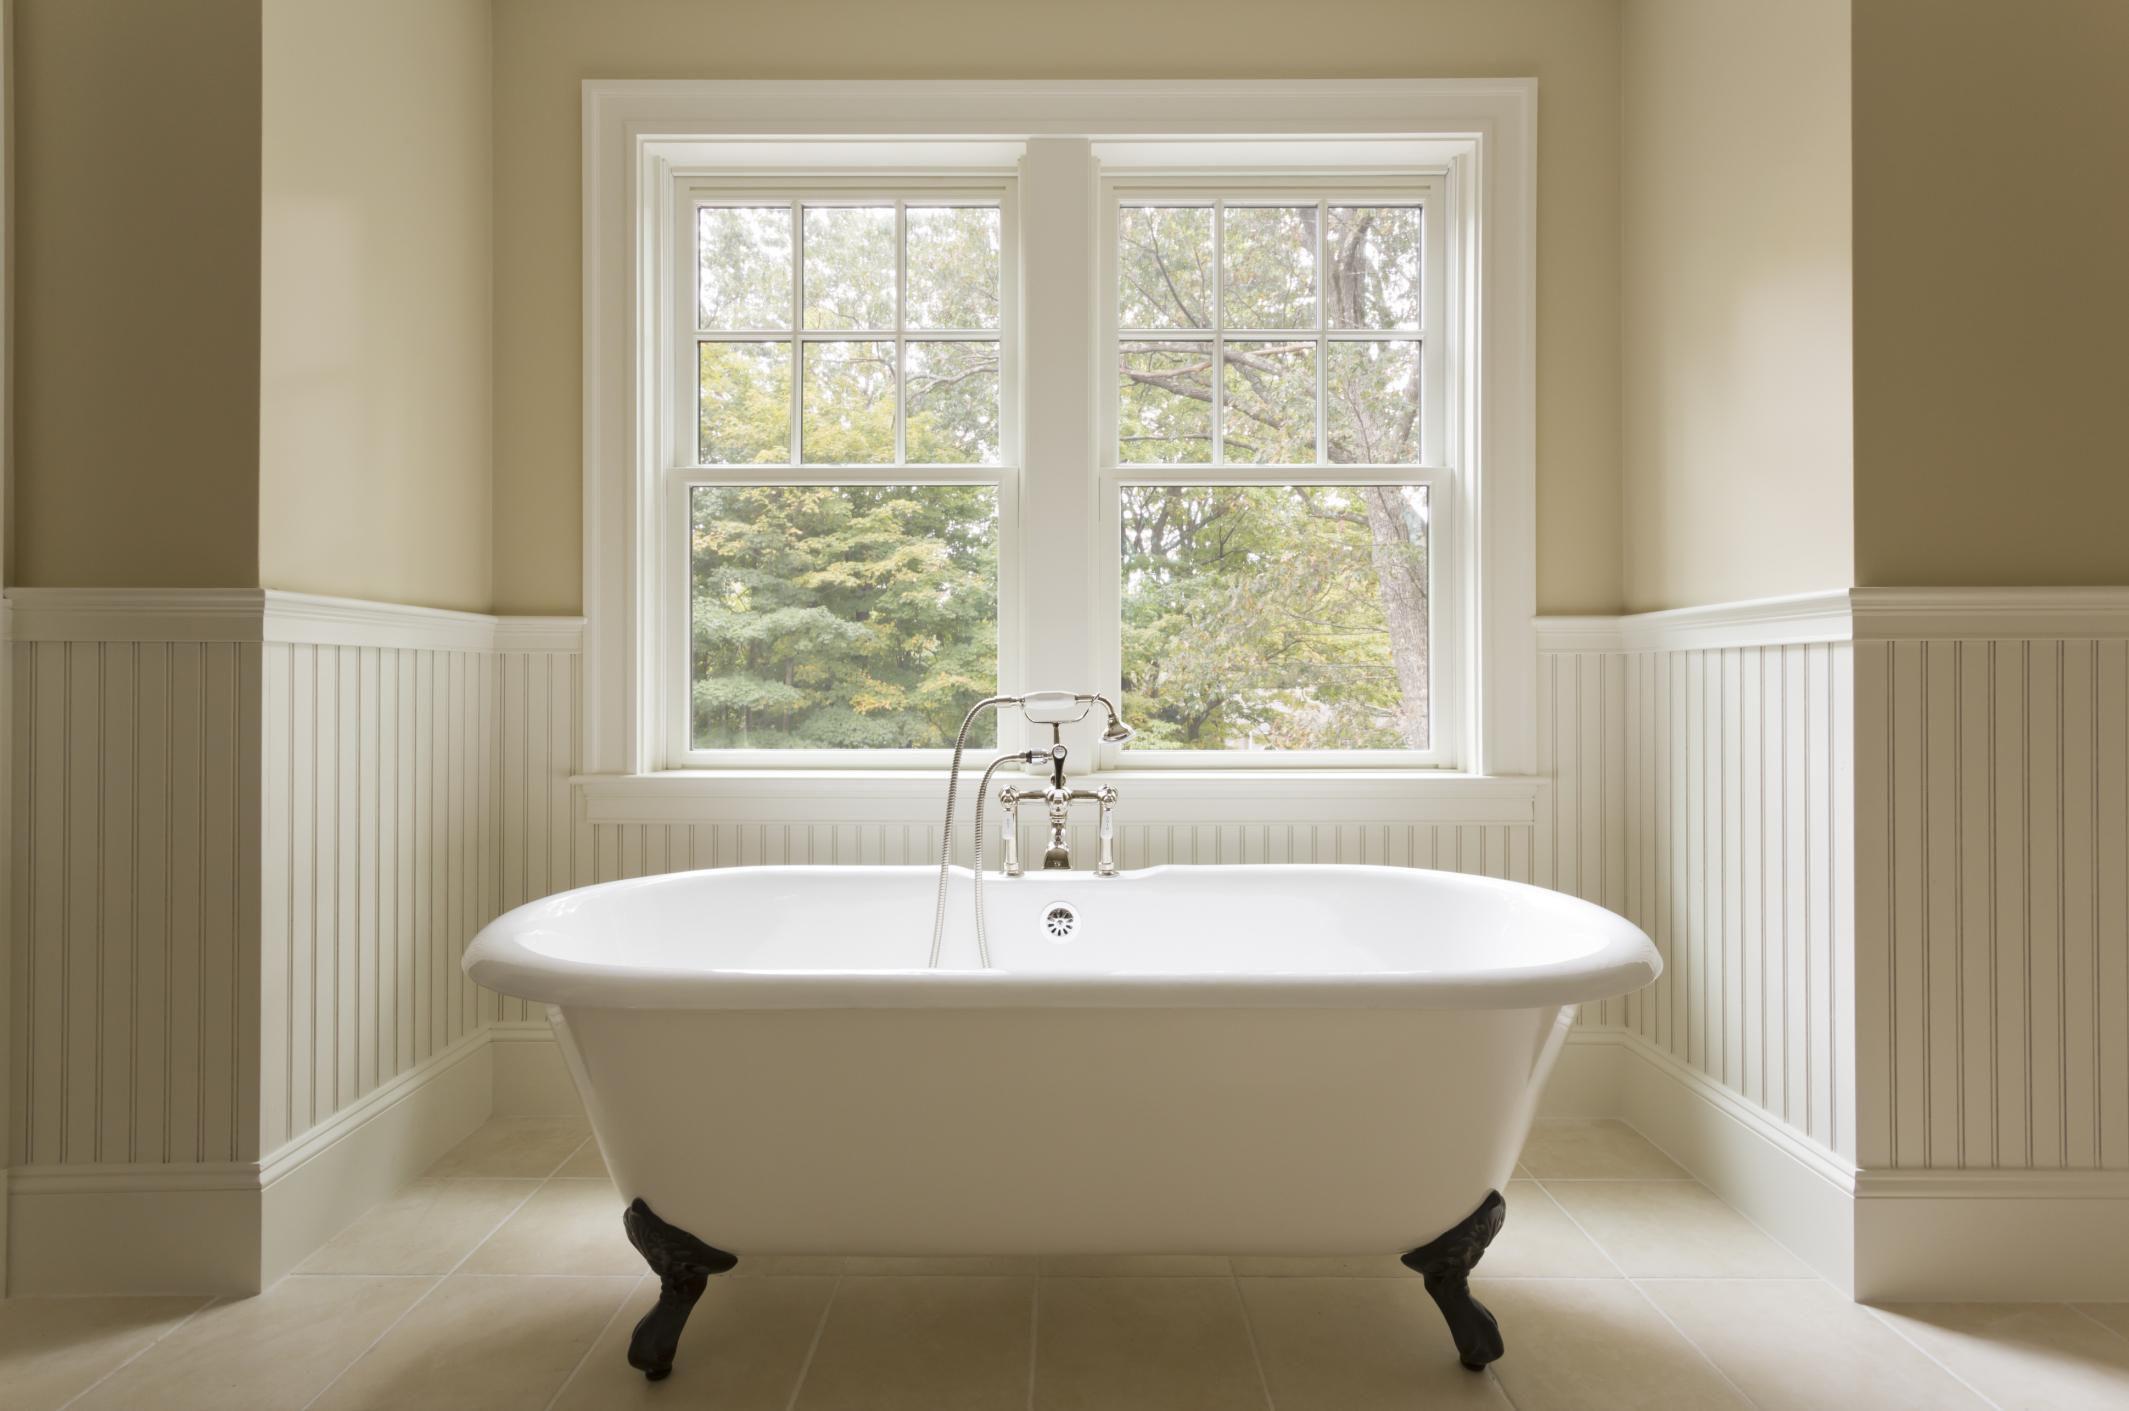 Bathtub Refinishing vs Liners